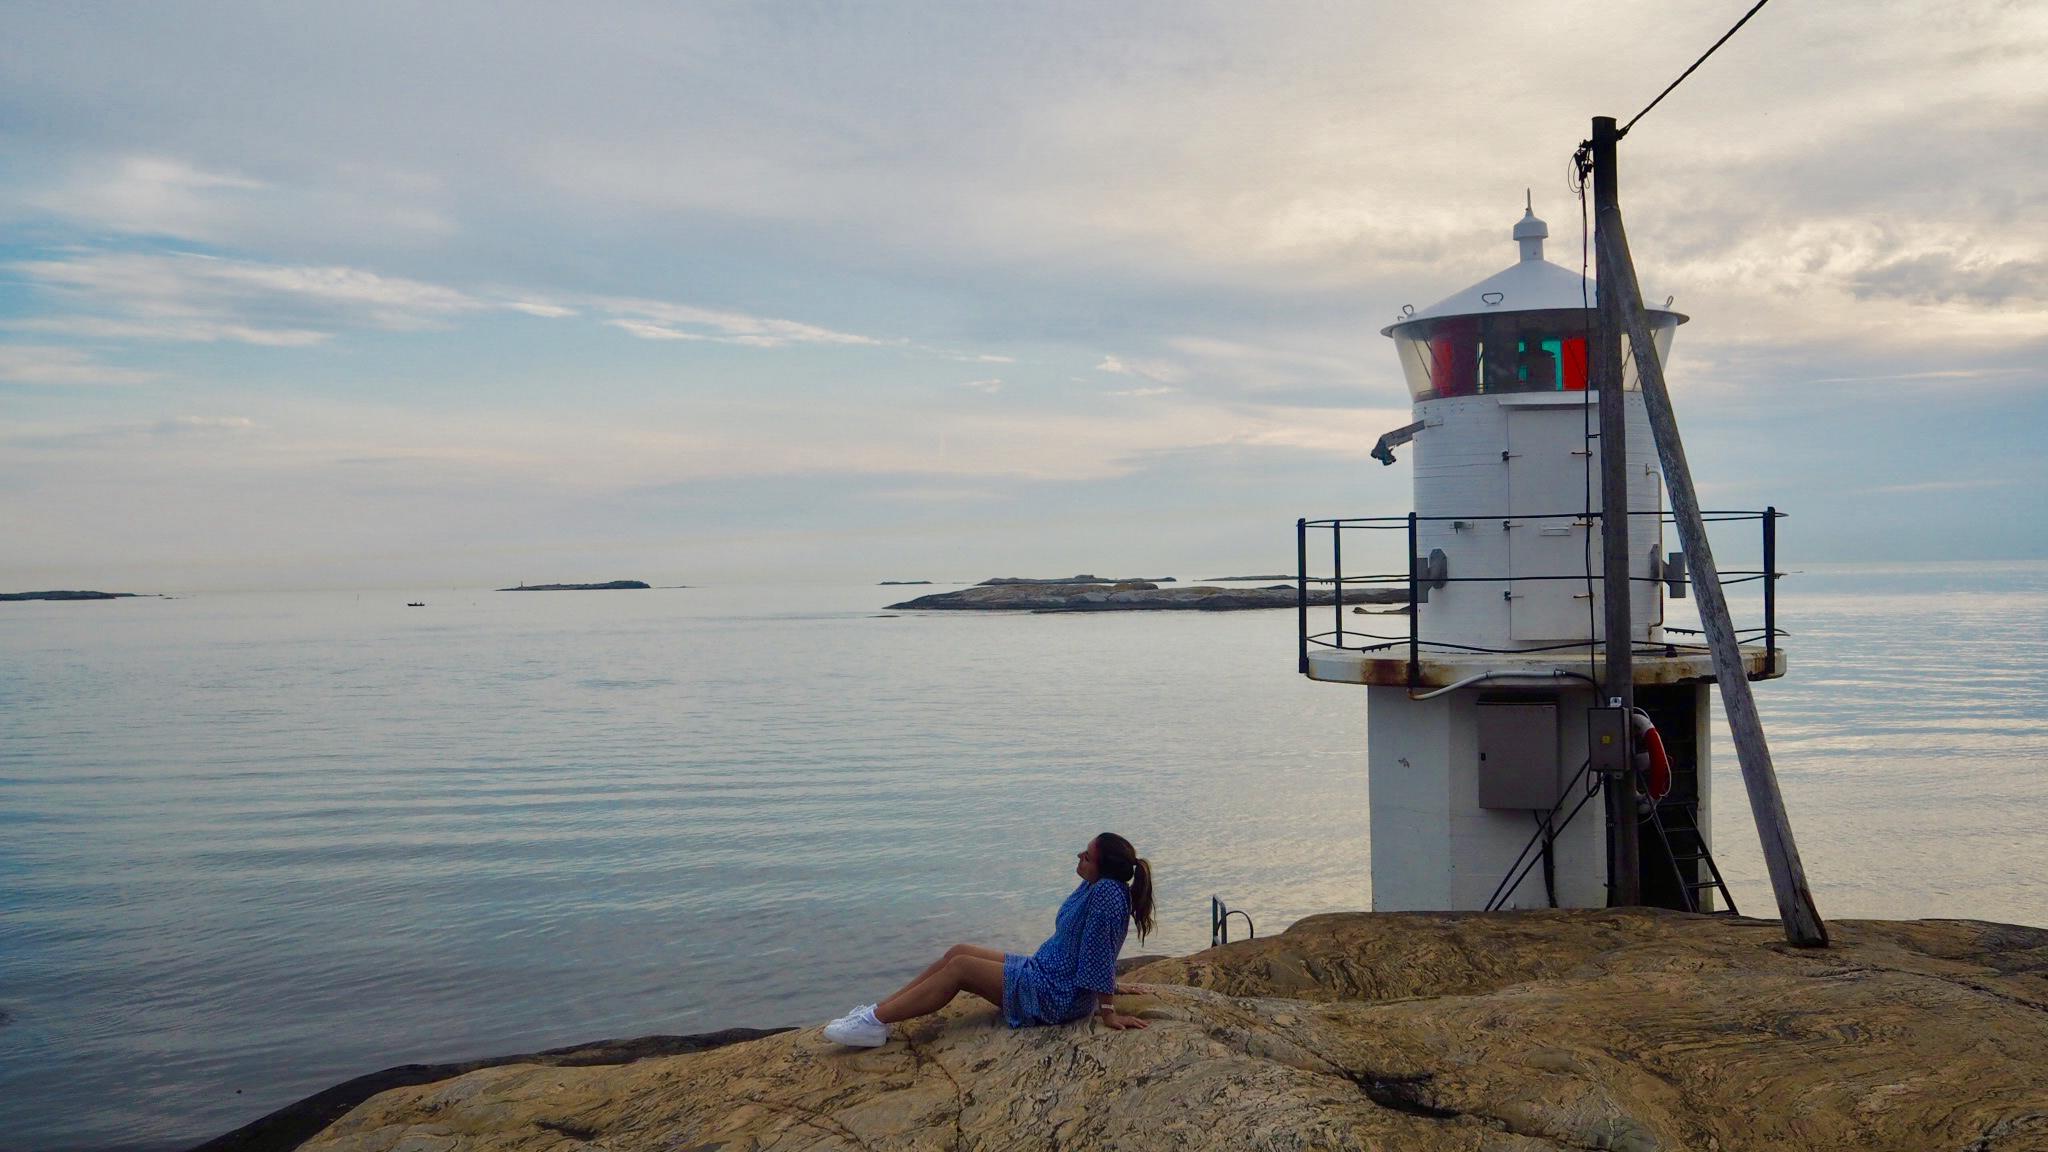 Båtluffa i Gøteborg skjærgården!